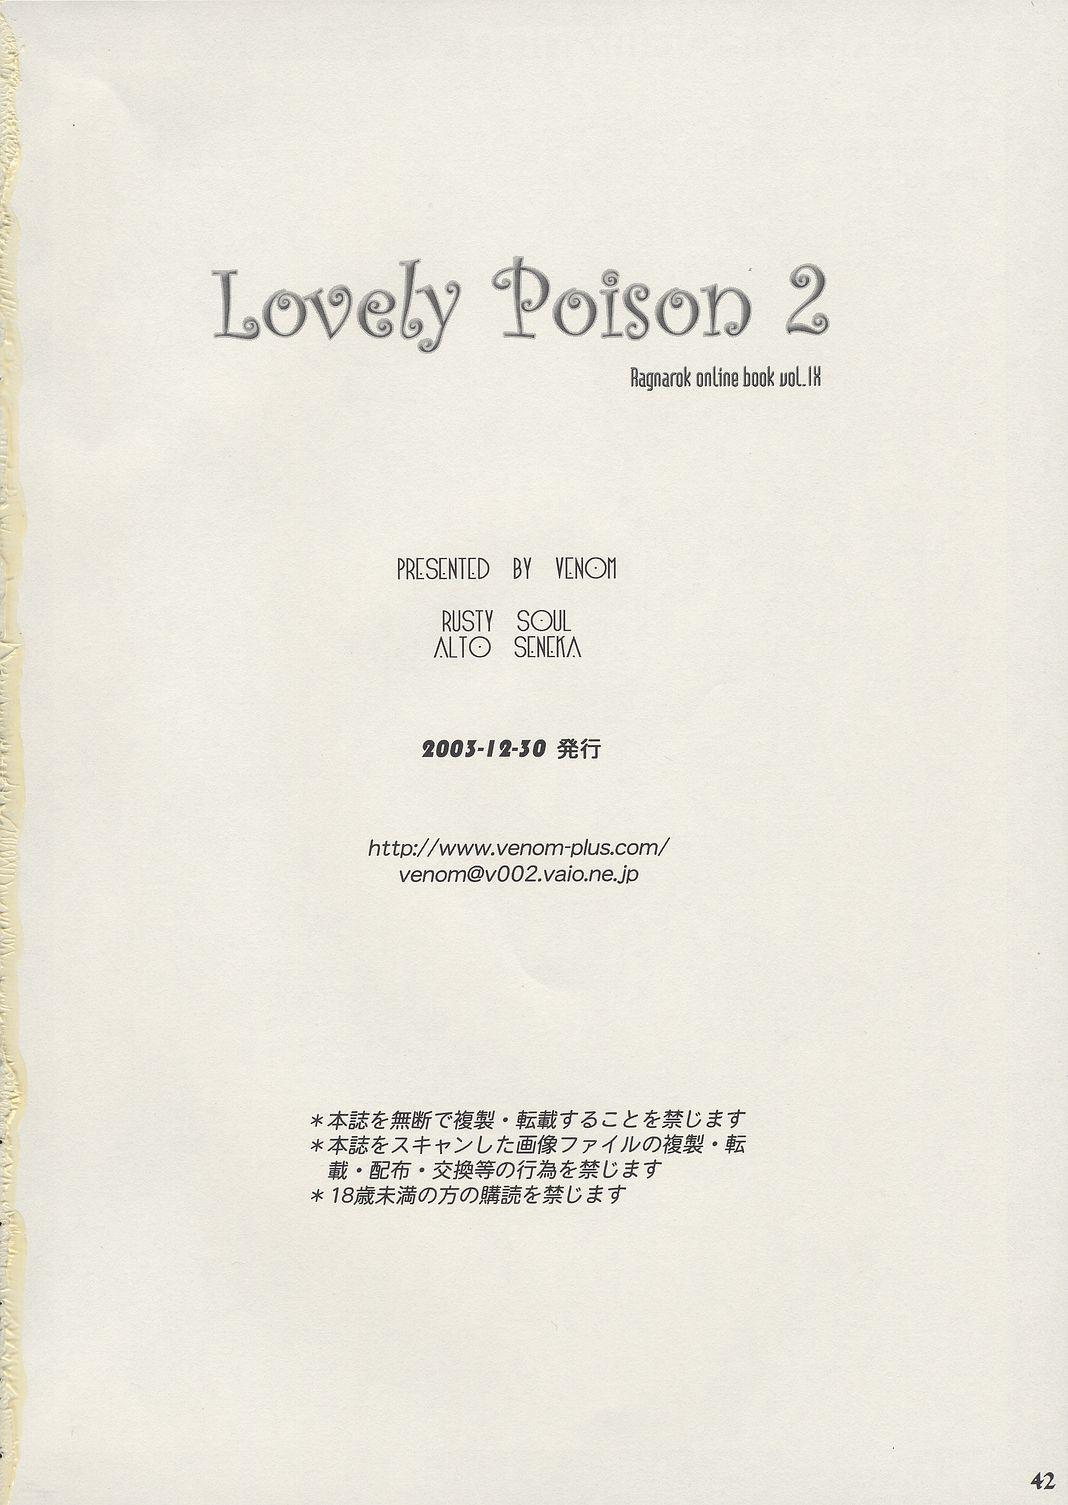 Lovely Poison 2 40